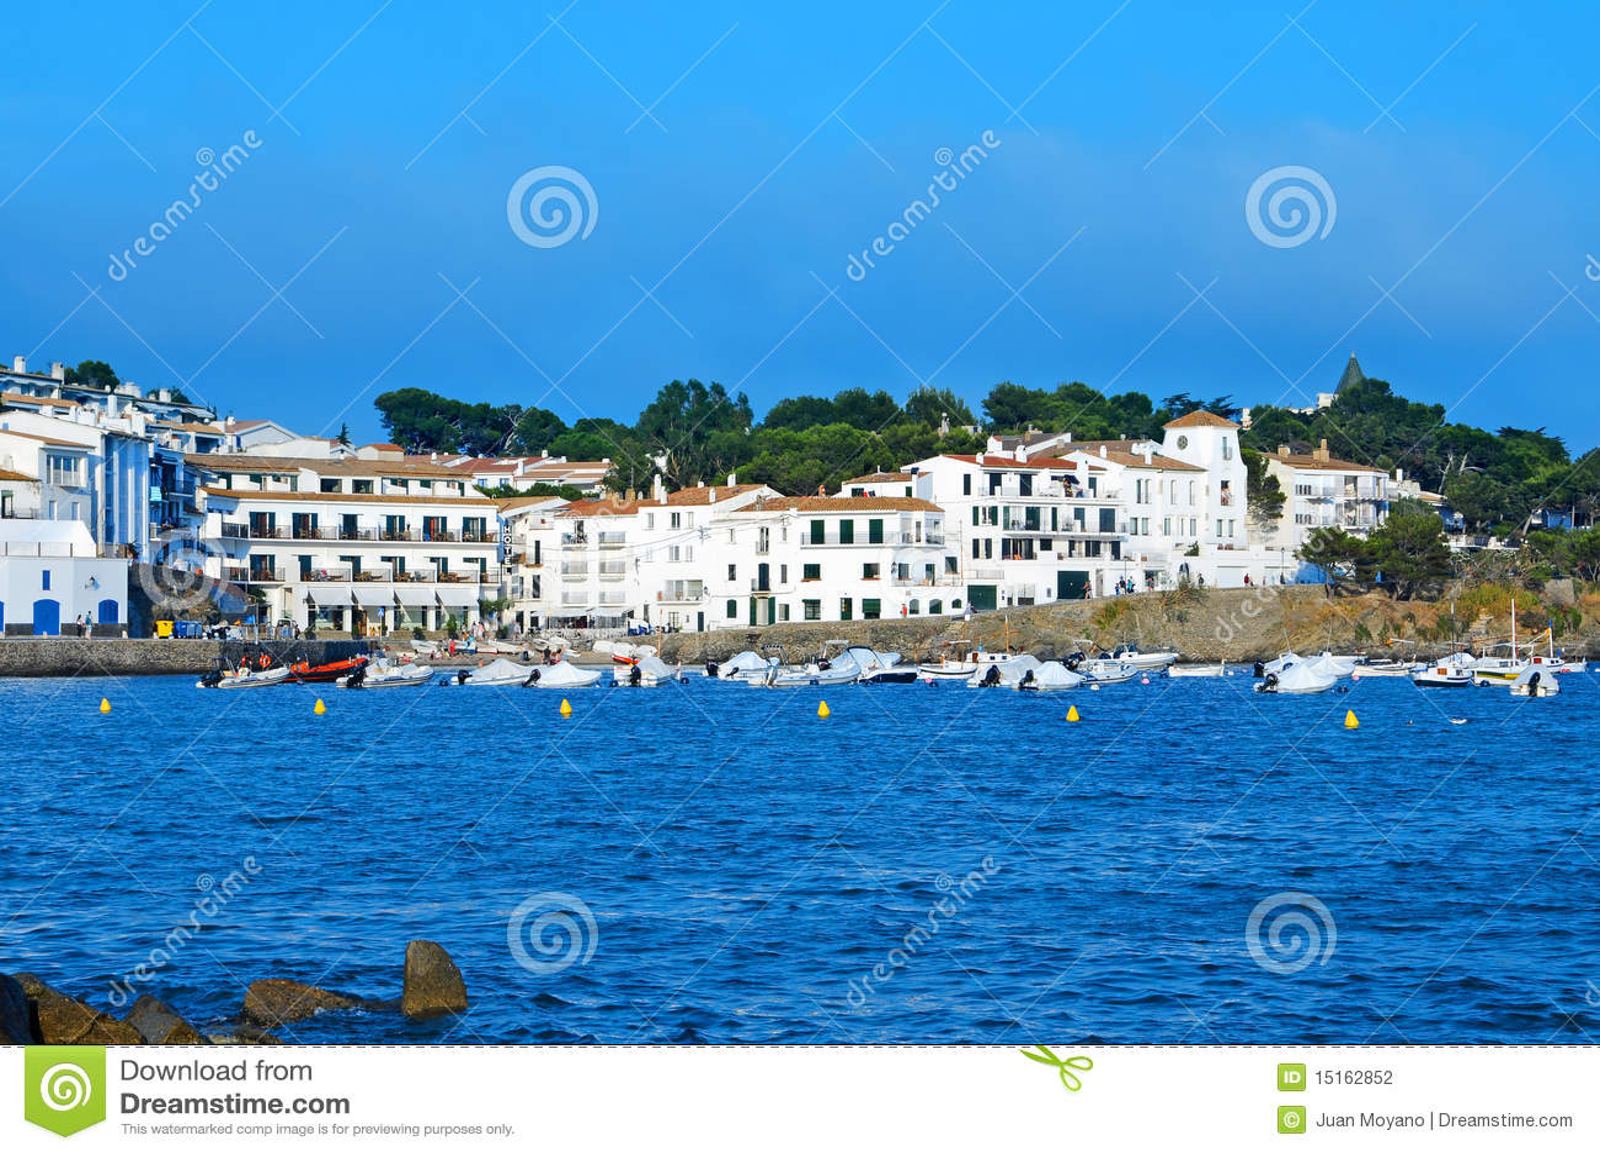 Coast of Cadaques, Spain